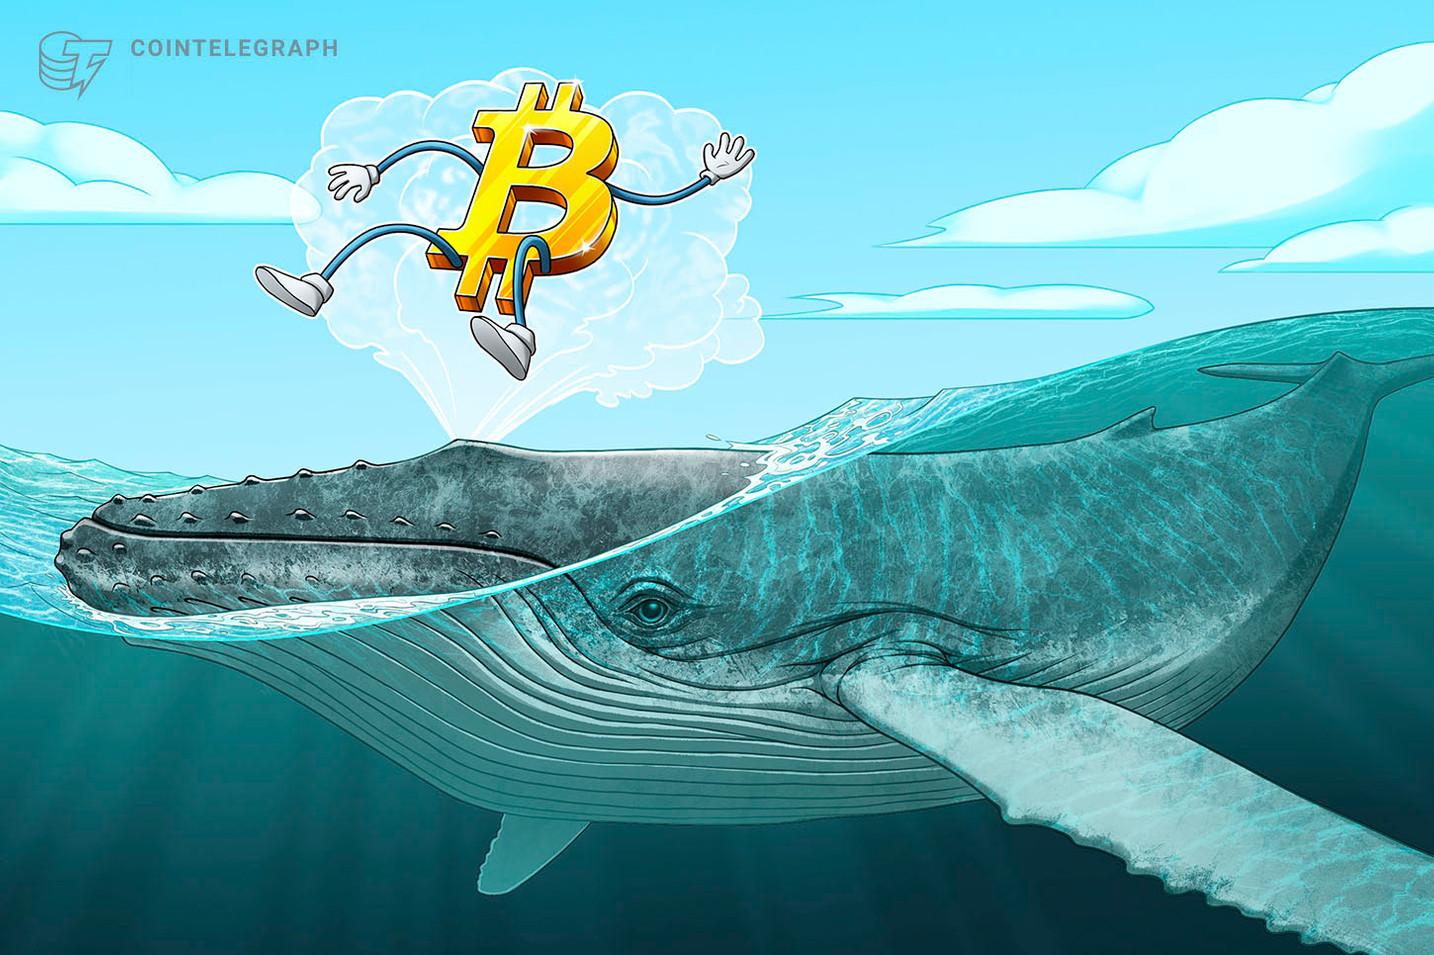 Bitcoin-Wale so optimistisch wie noch nie – Steht der Rekordlauf erst am Anfang?